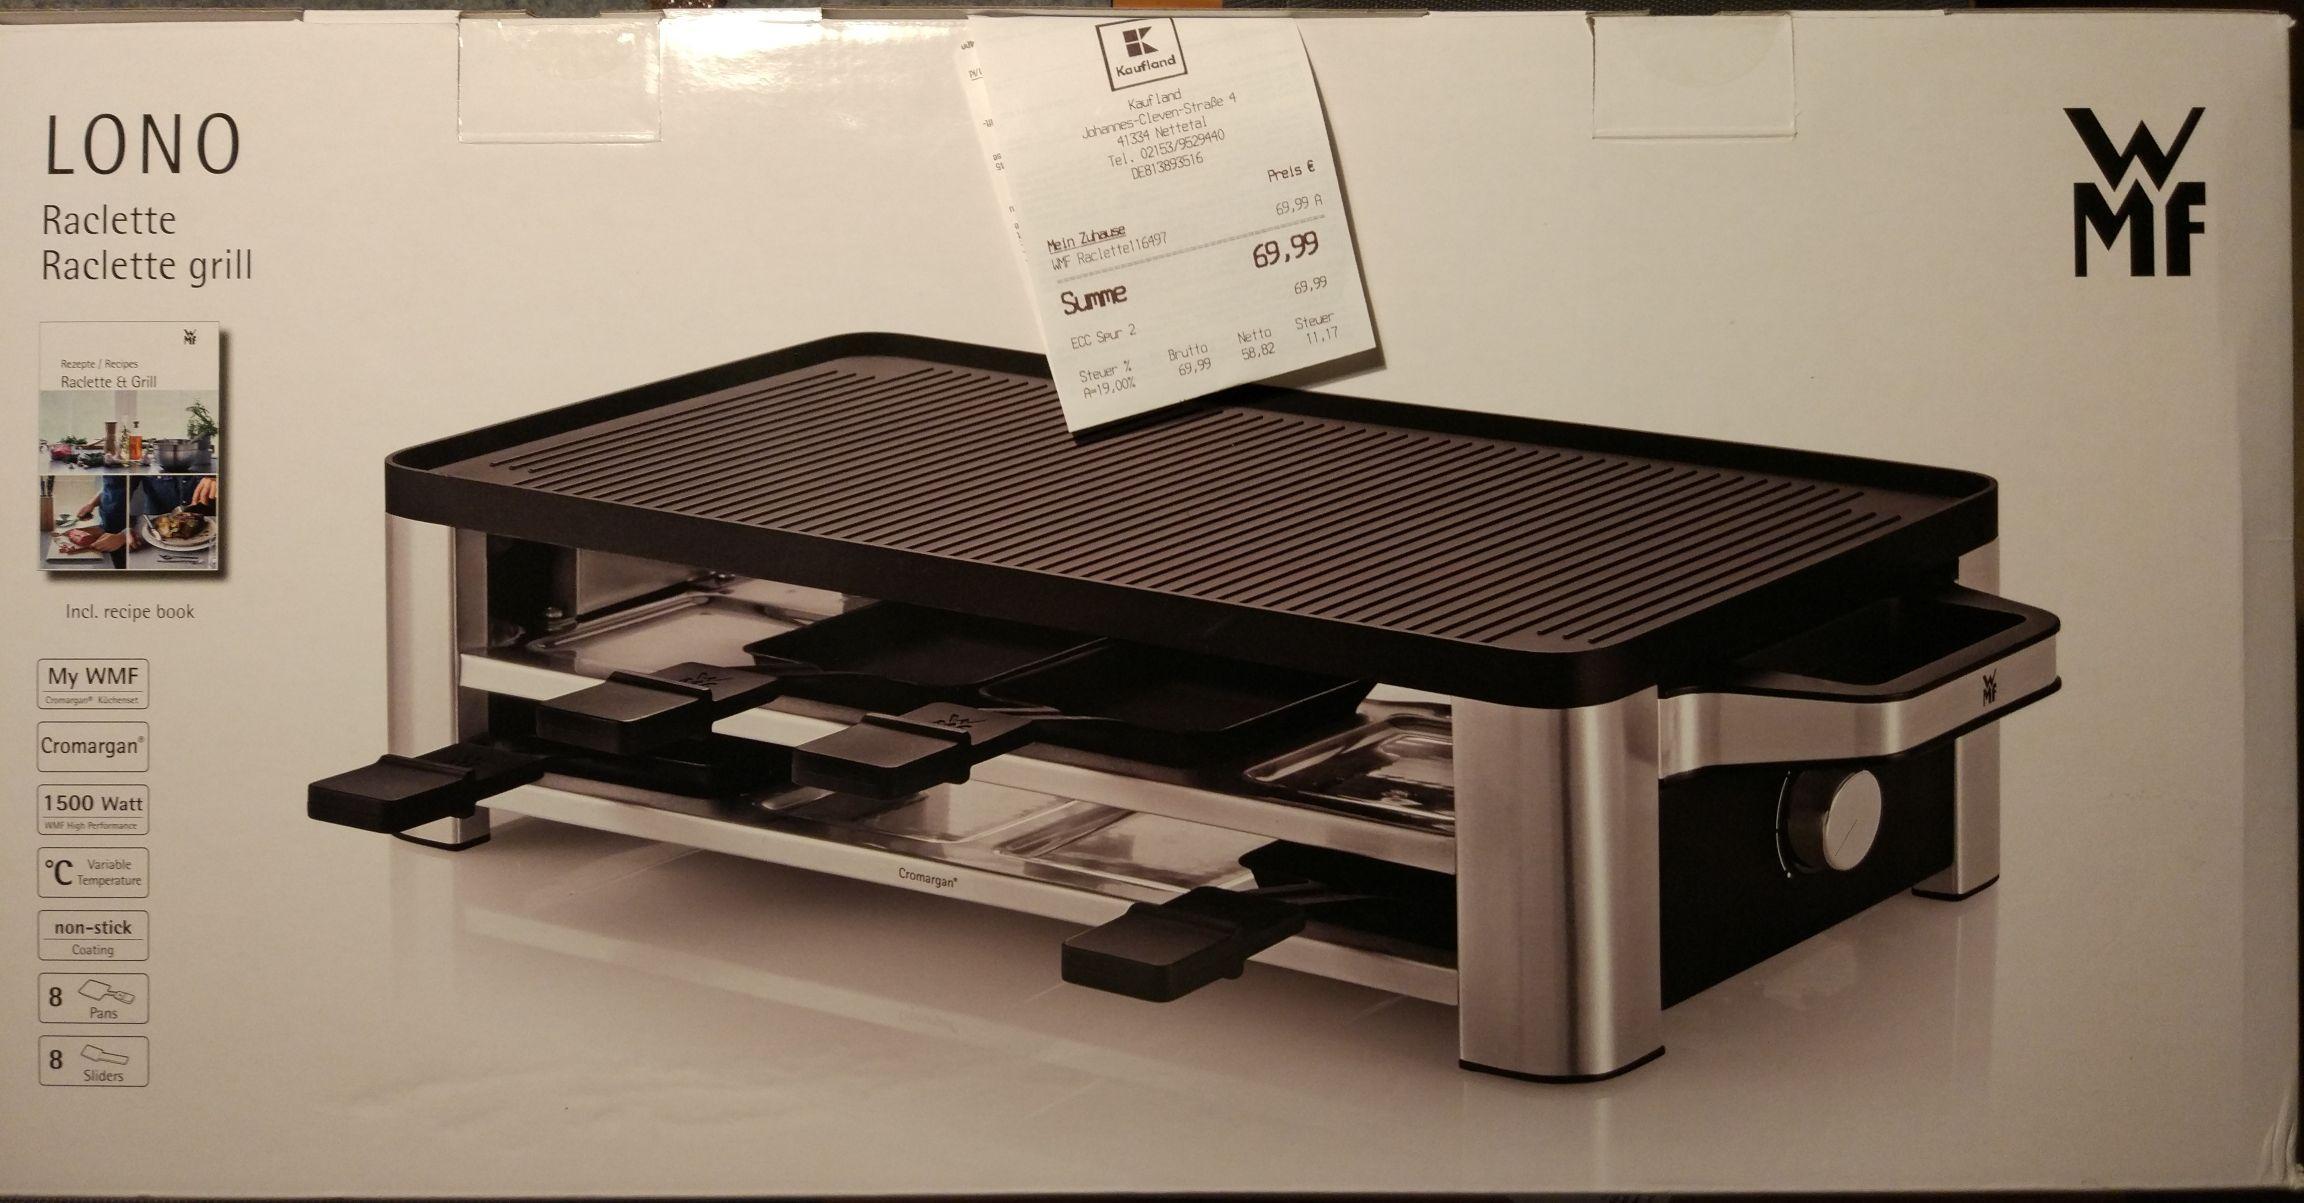 WMF Lono Raclette 8 Pfännchen 1500 Watt (0415040011) - Lokaler Deal in Nettetal